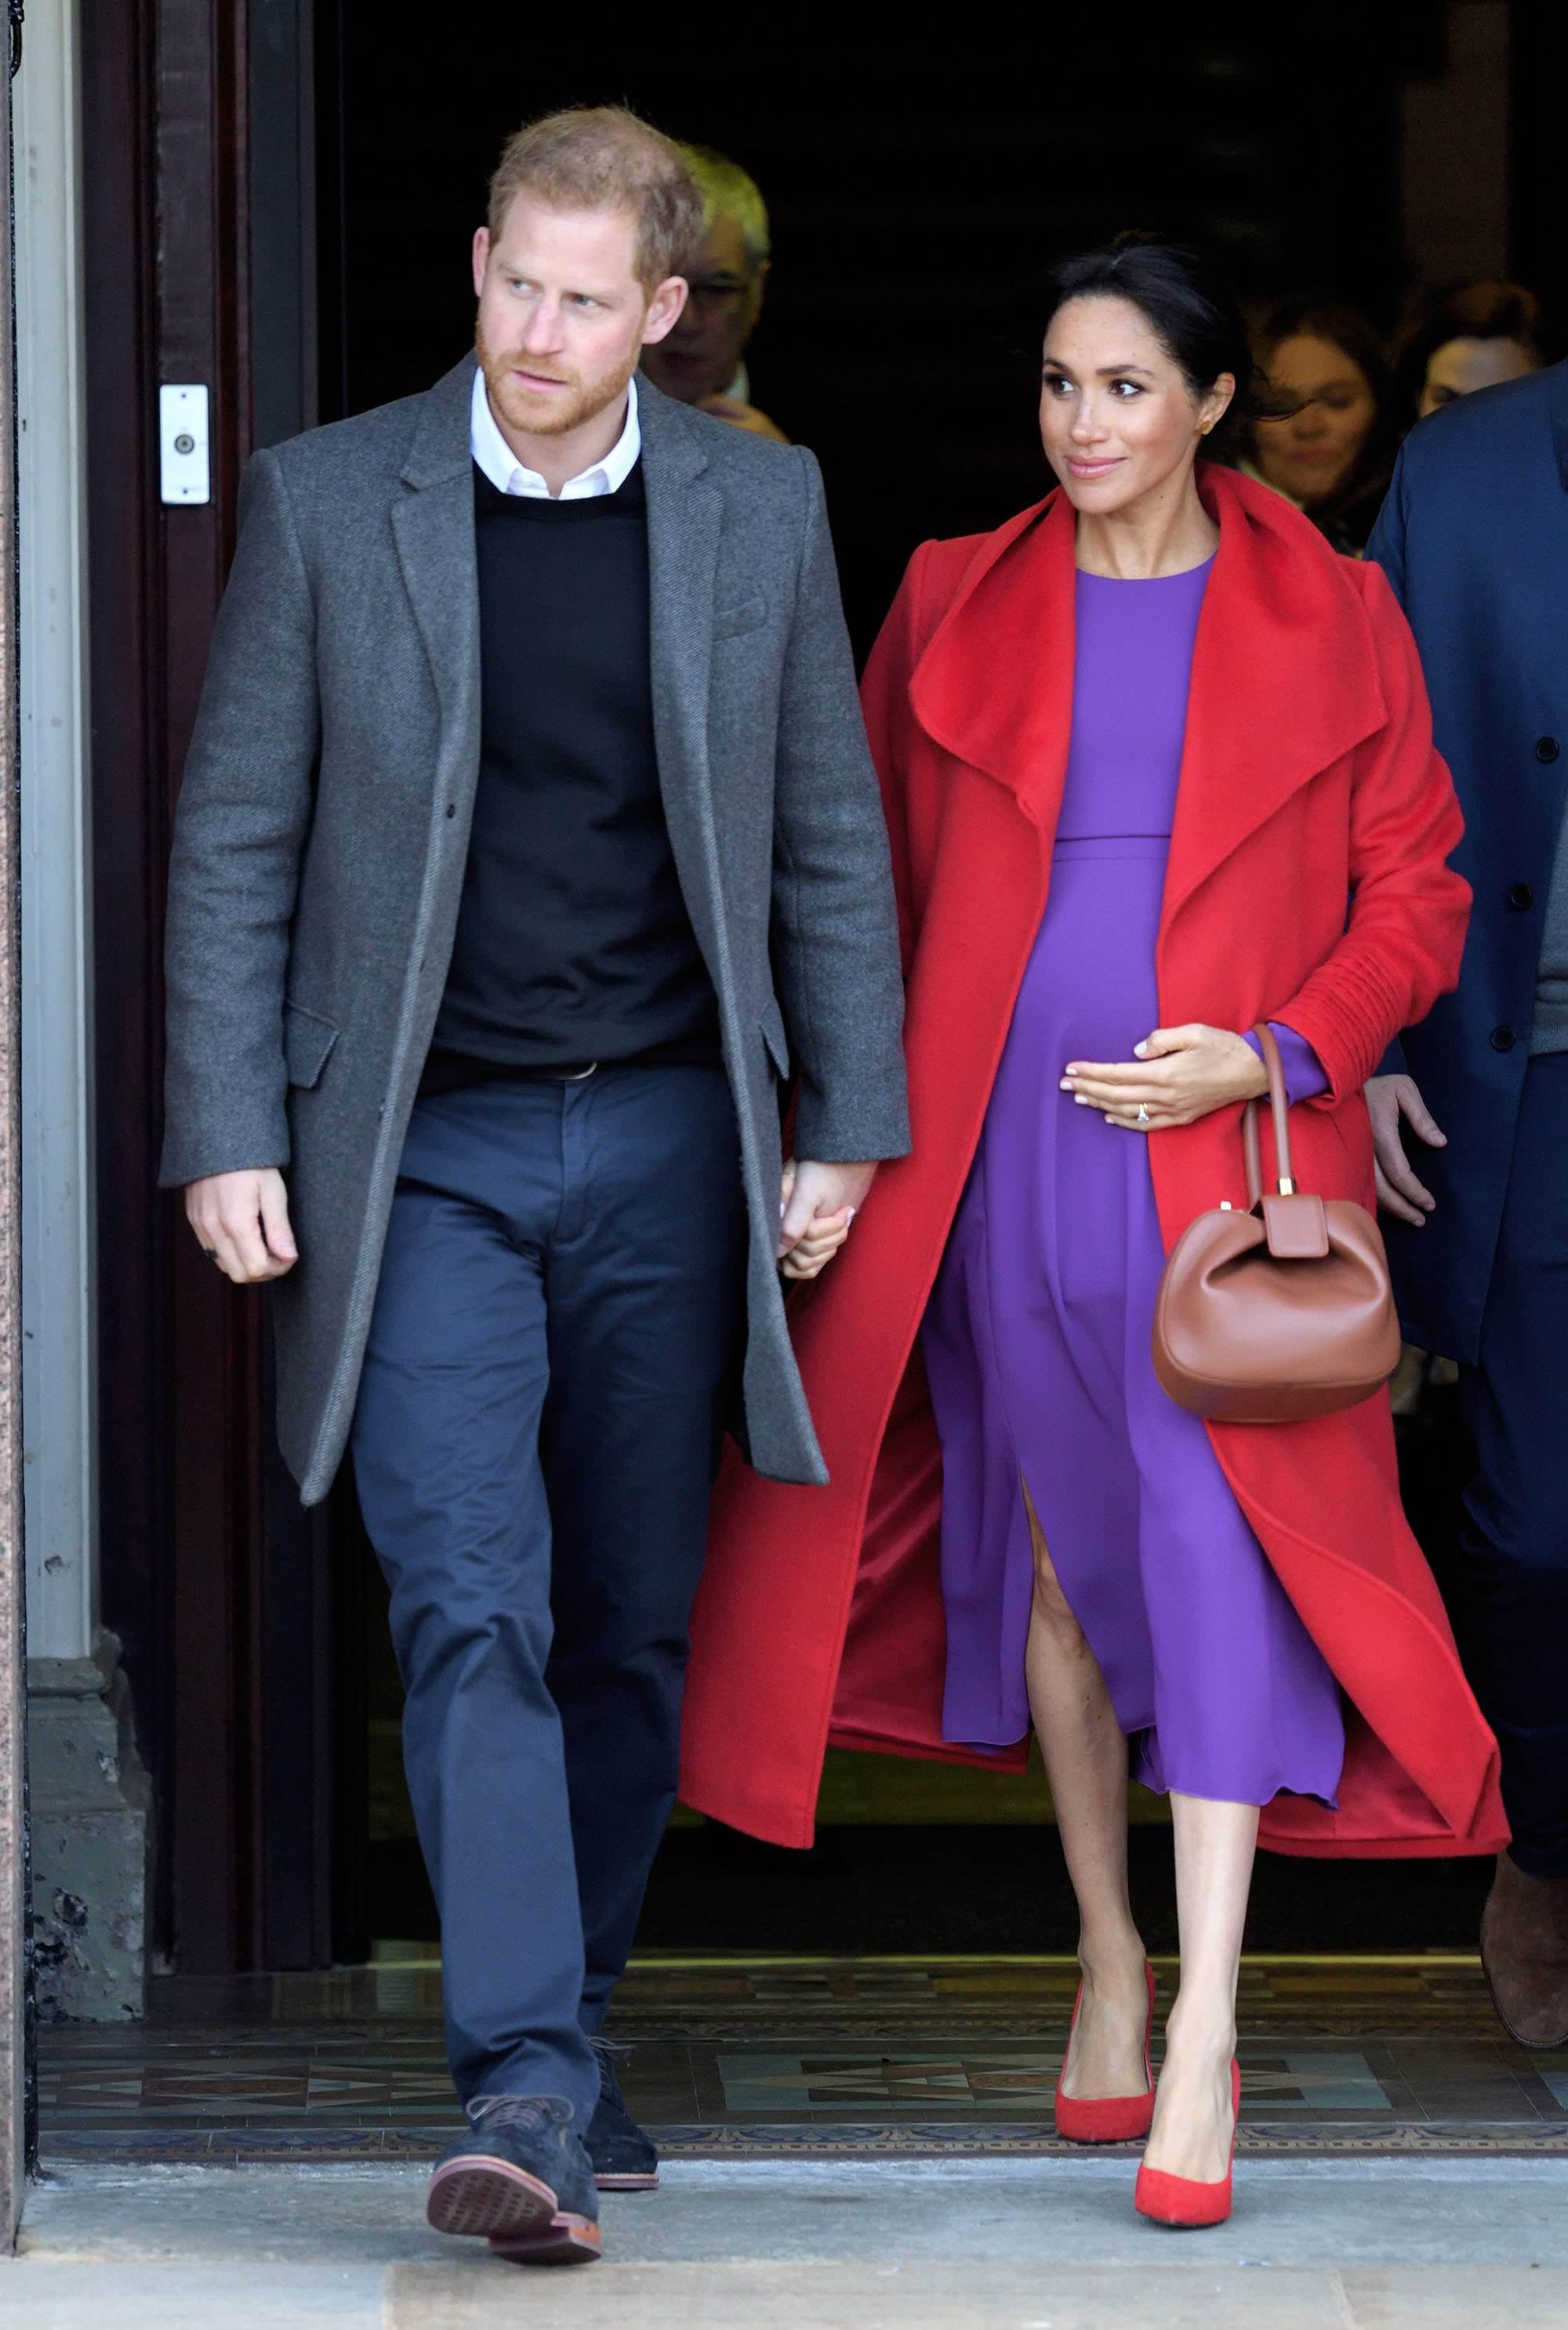 Meghan Markle w fioletowej sukience i czerwonym płaszczu – styczeń 2019